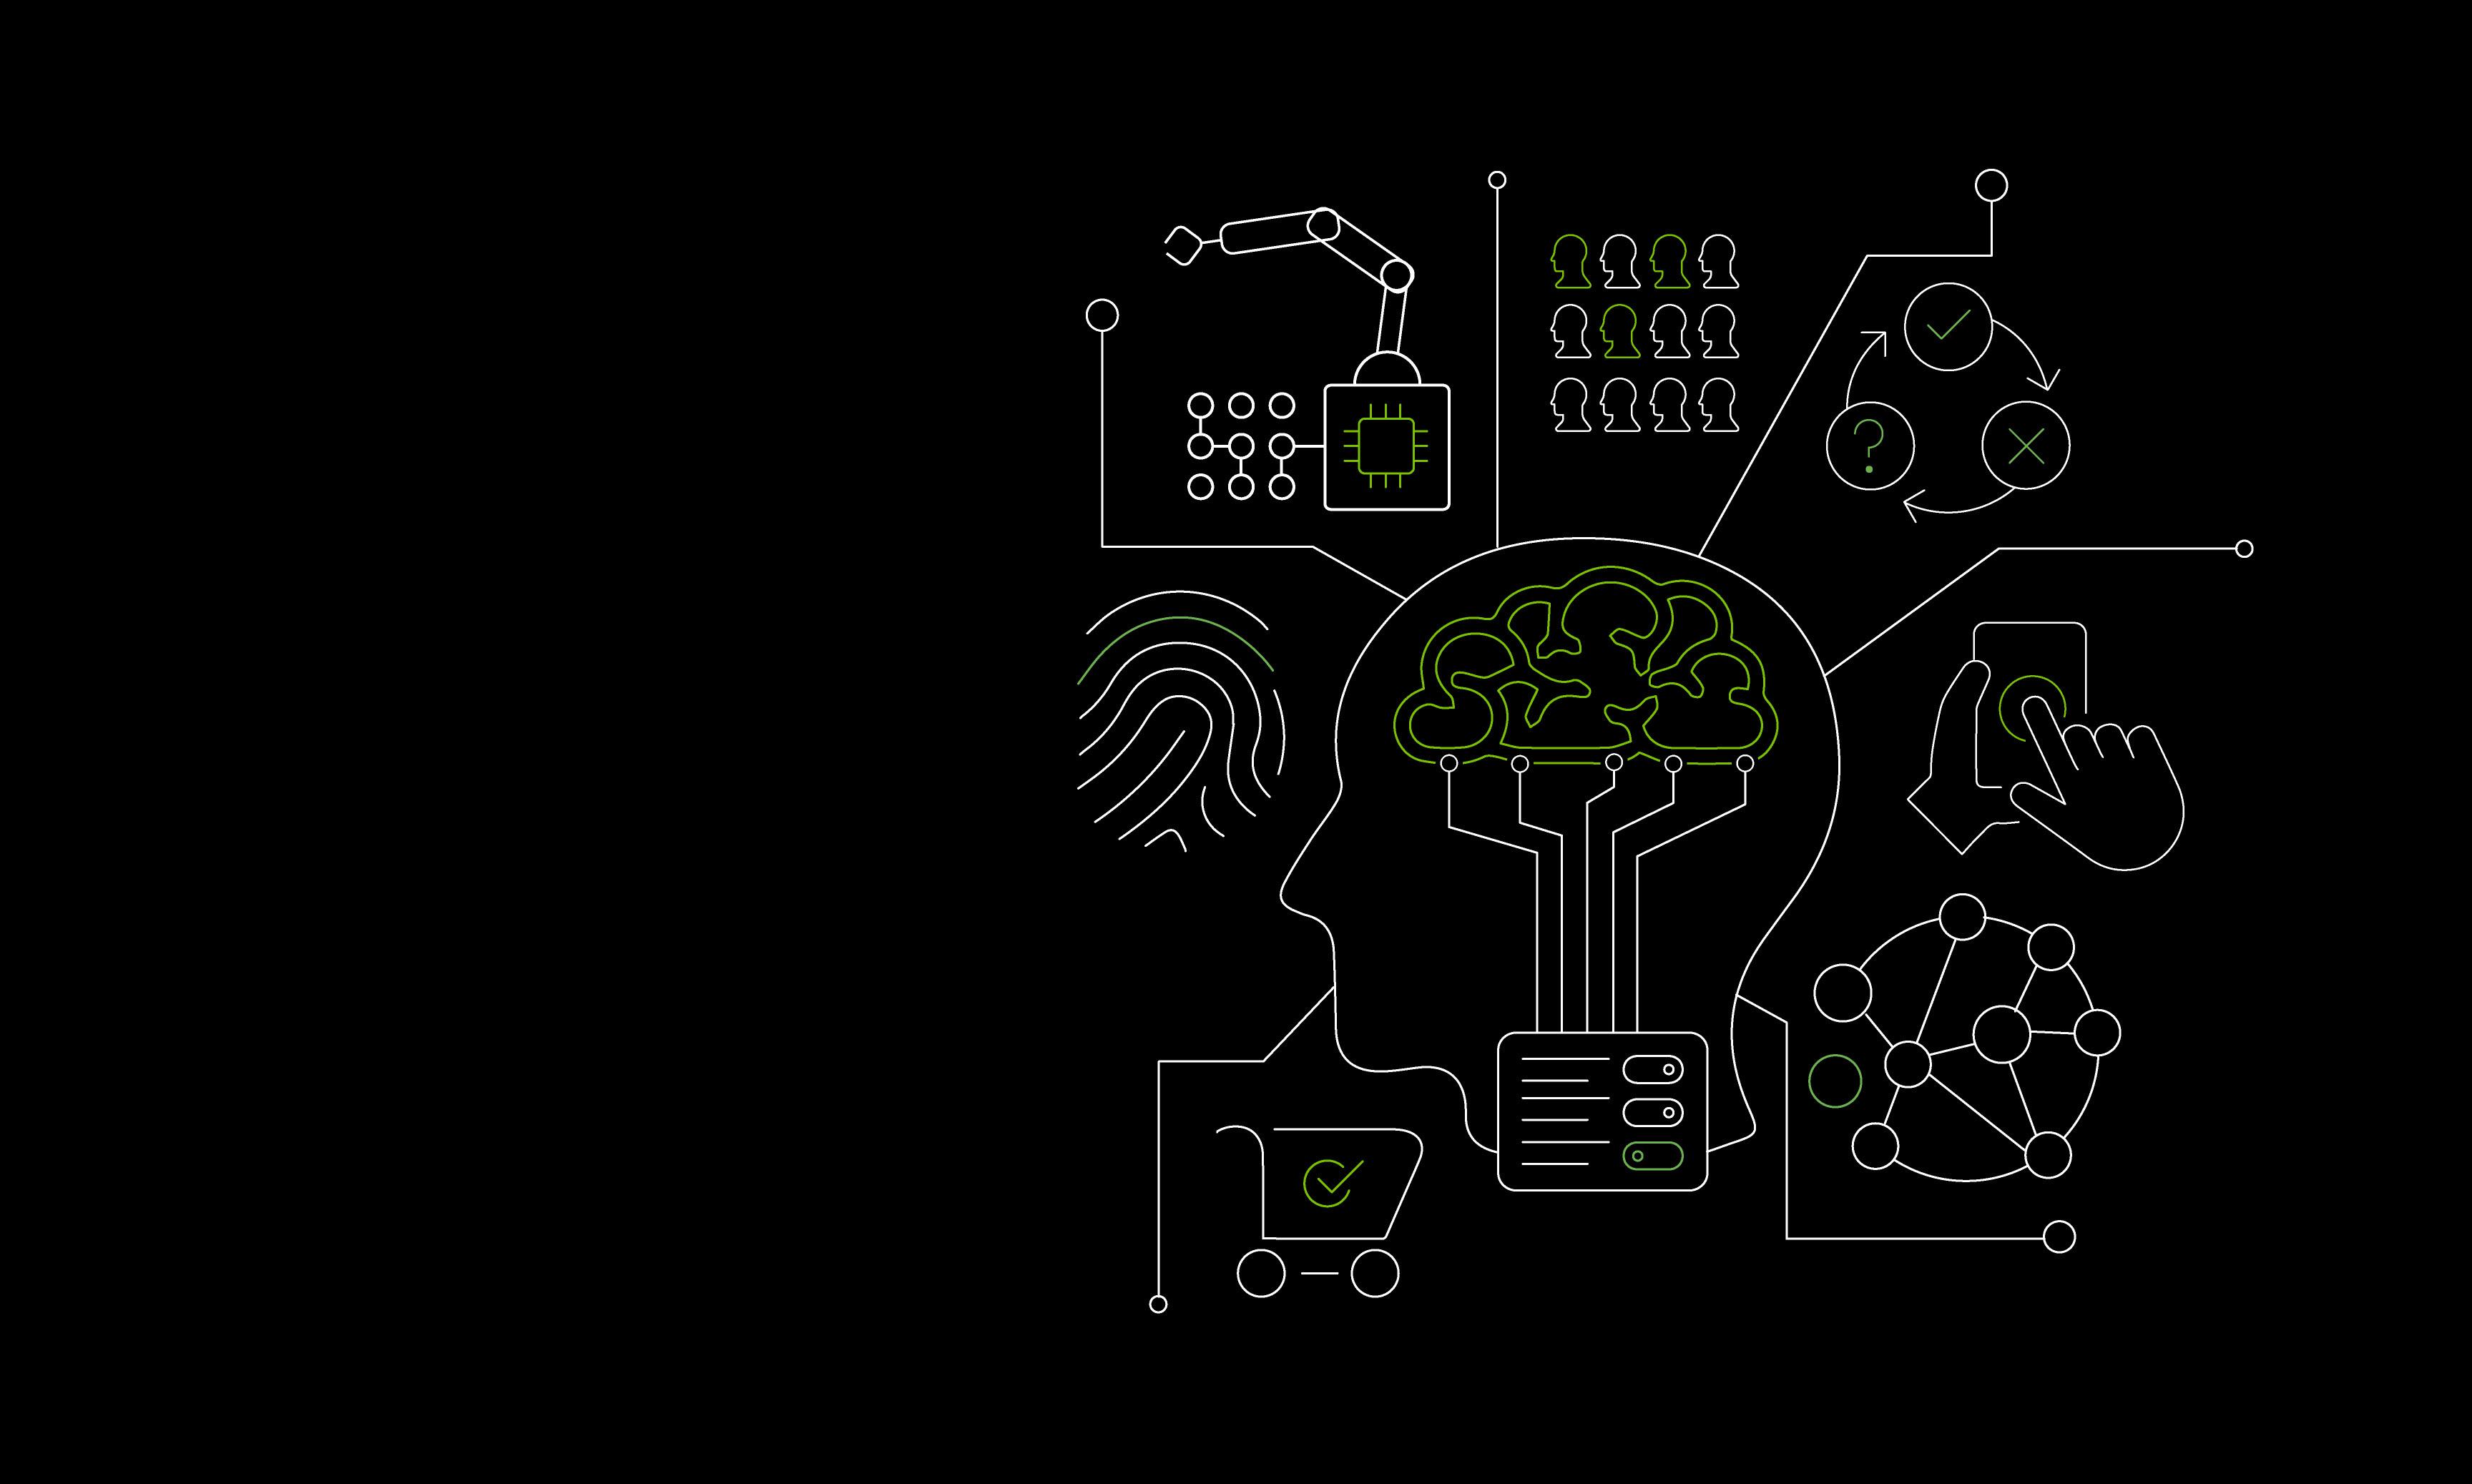 Grafische Darstellung einer künstlichen Intelligenz